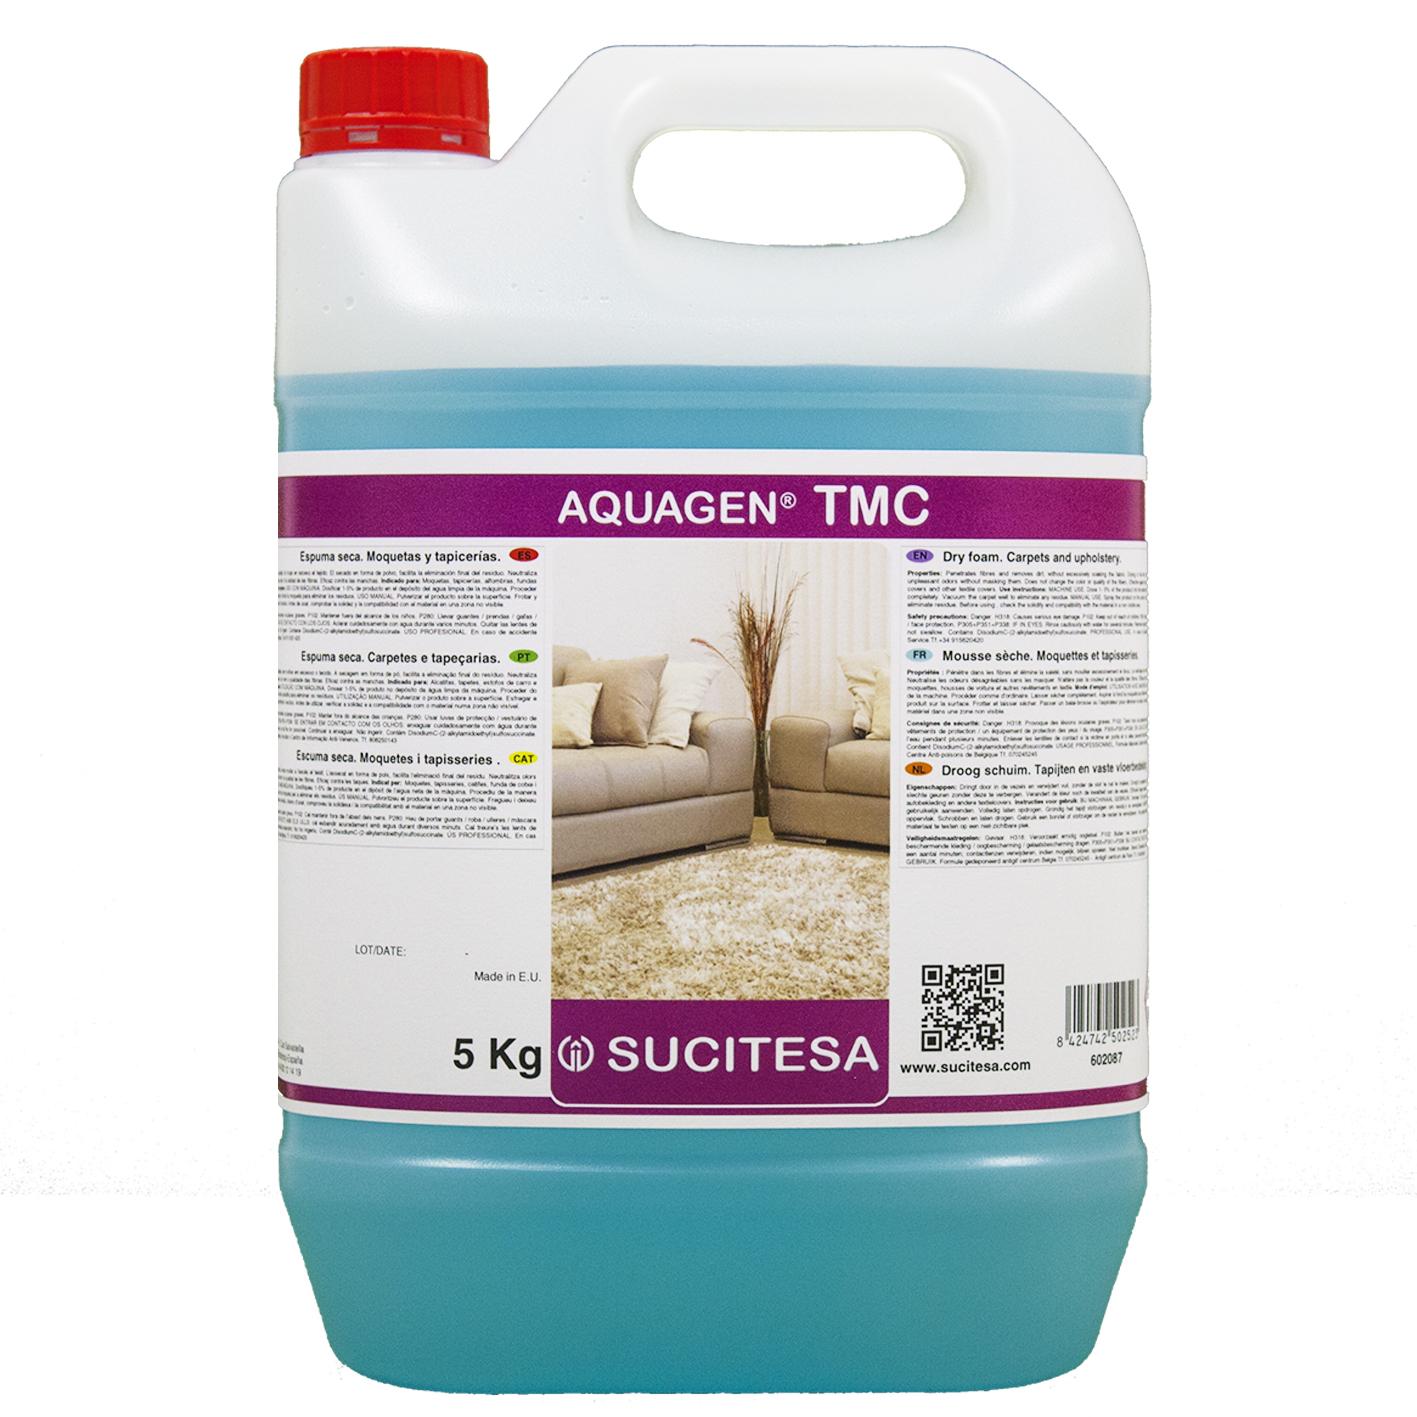 AQUAGEN TMC Image